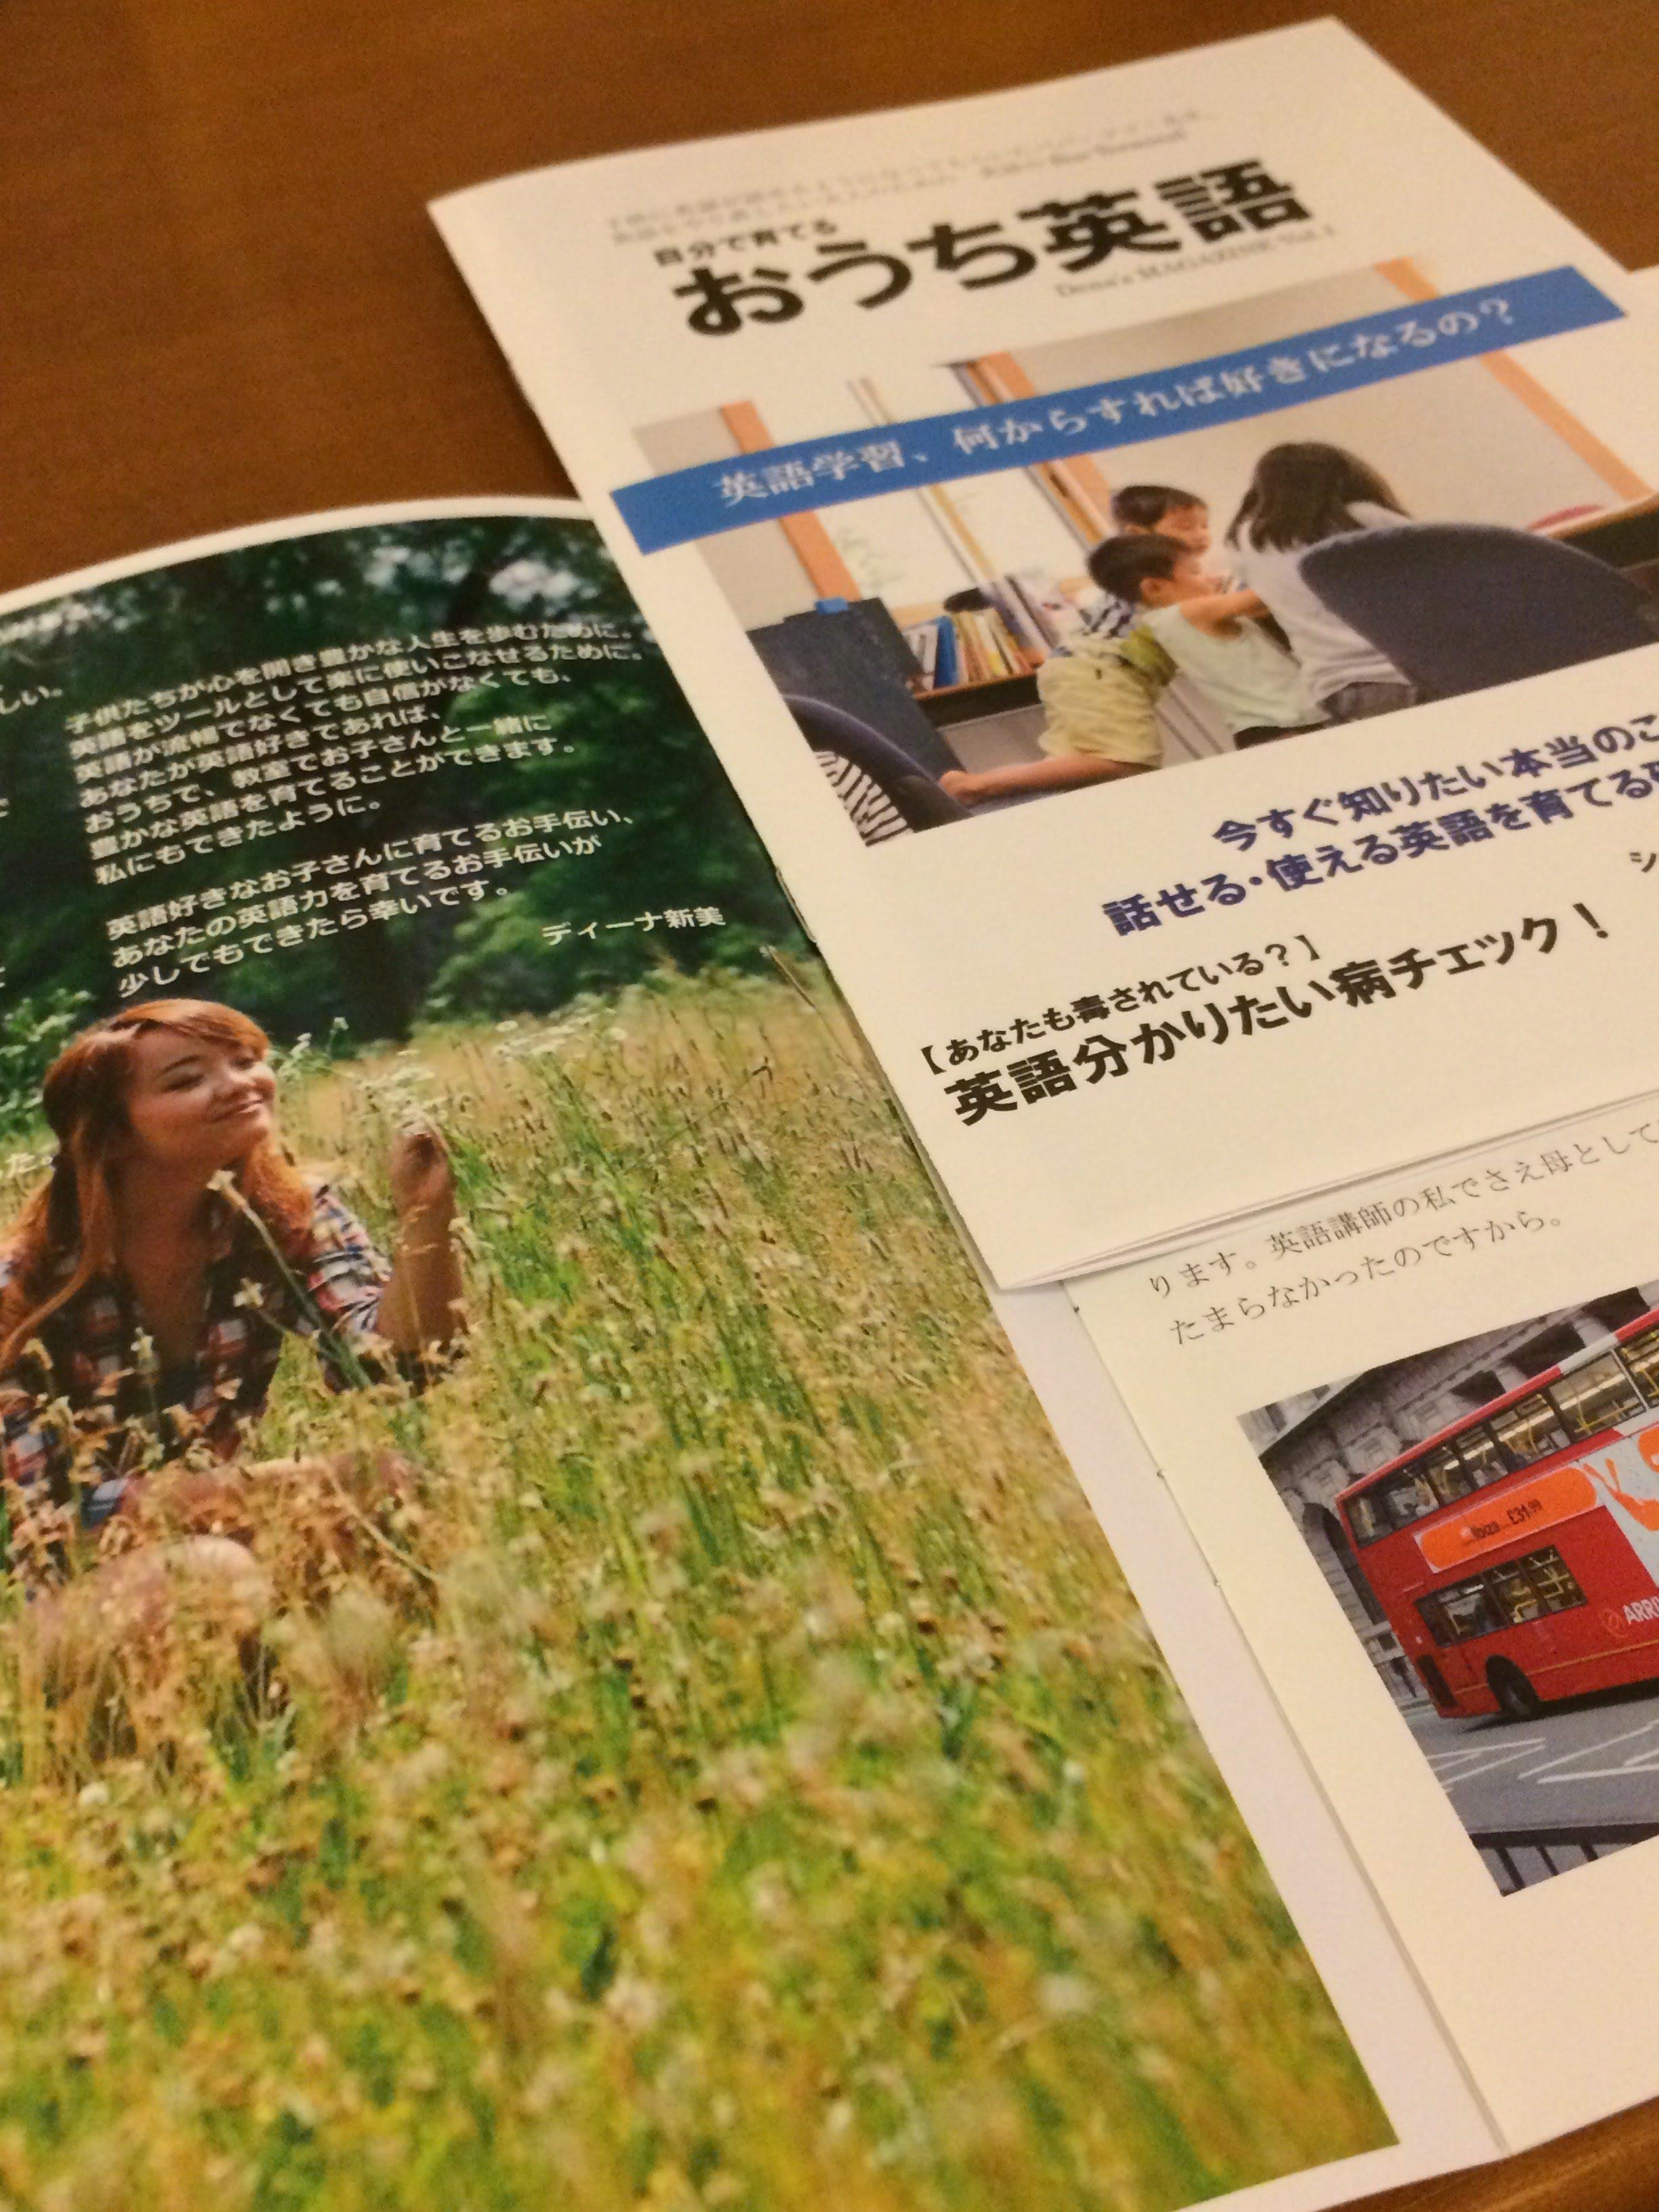 ディーナのセルフマガジン『おうち英語』、やっと完成しました!